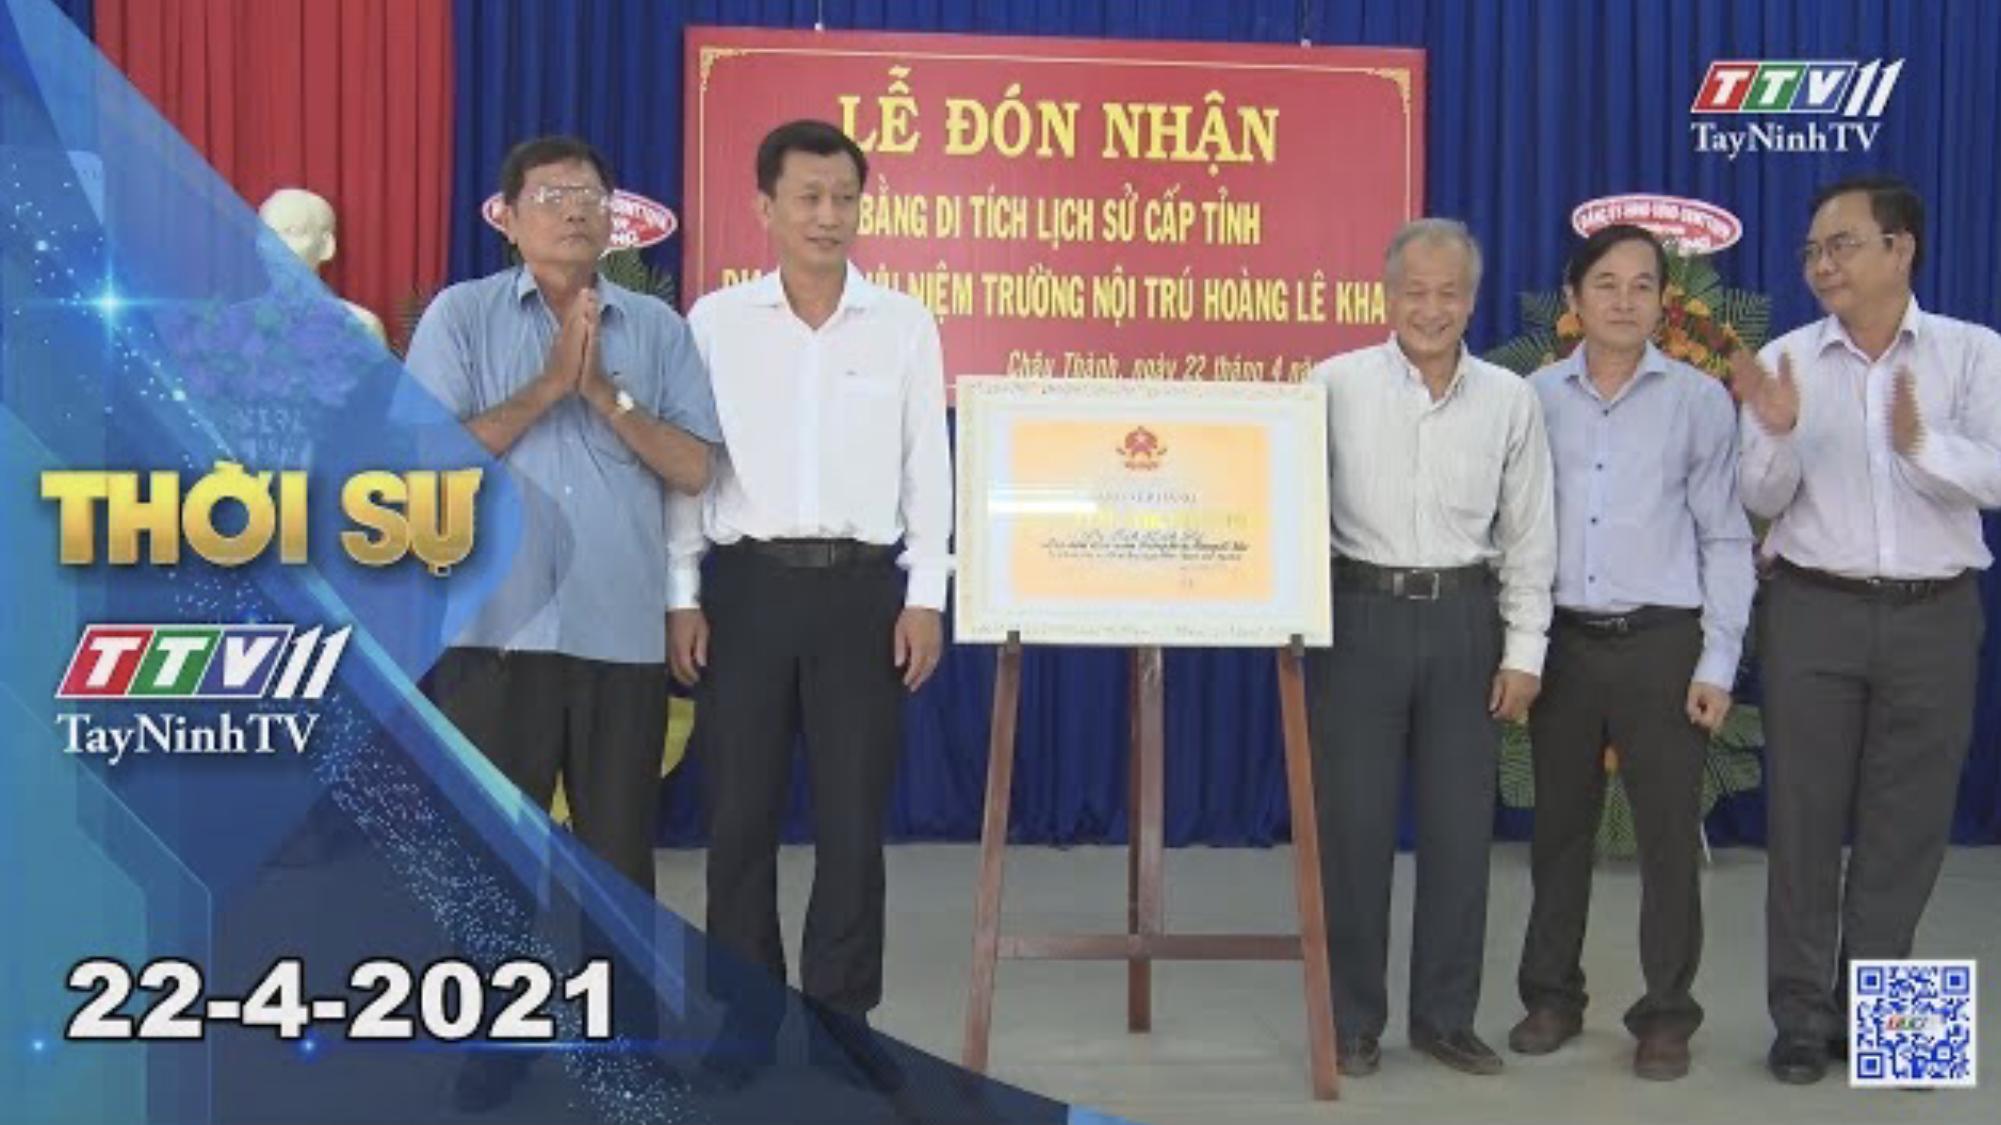 Thời sự Tây Ninh 22-4-2021 | Tin tức hôm nay | TayNinhTV